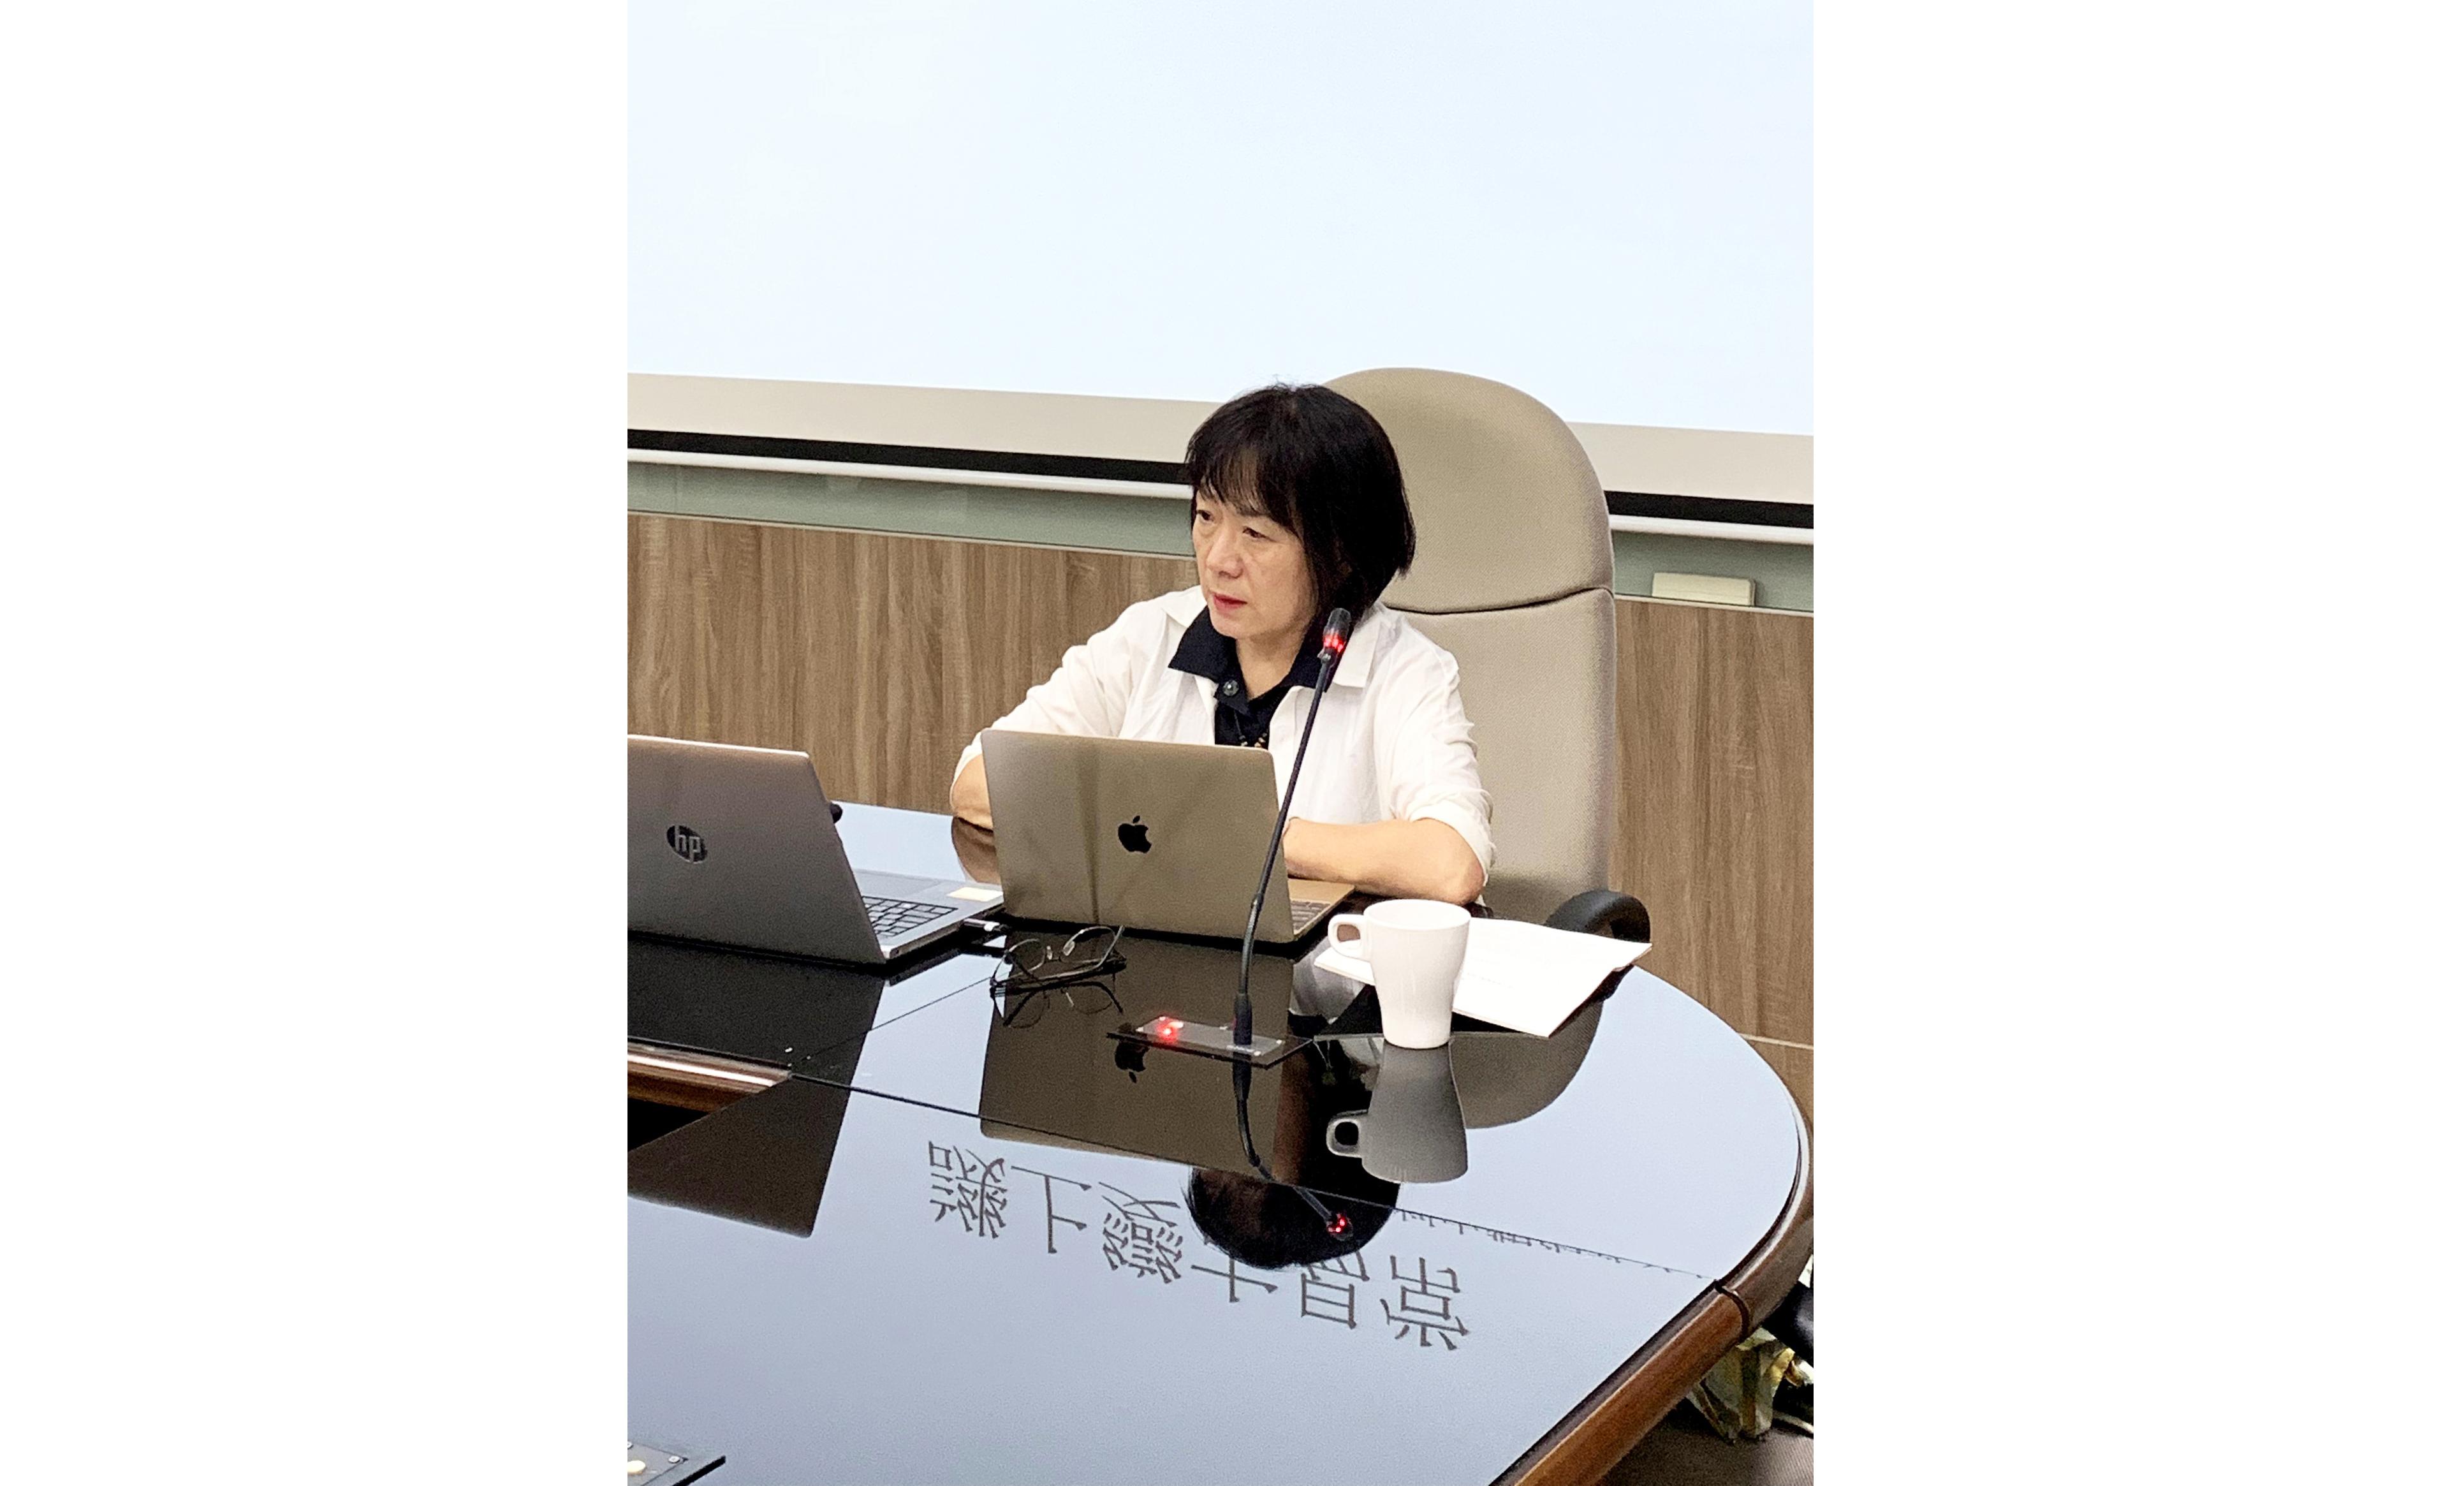 劉紀蕙教授演講「譏上變古易常:從《齊物論釋》談章太炎思想中的批判史觀與政治性」紀要